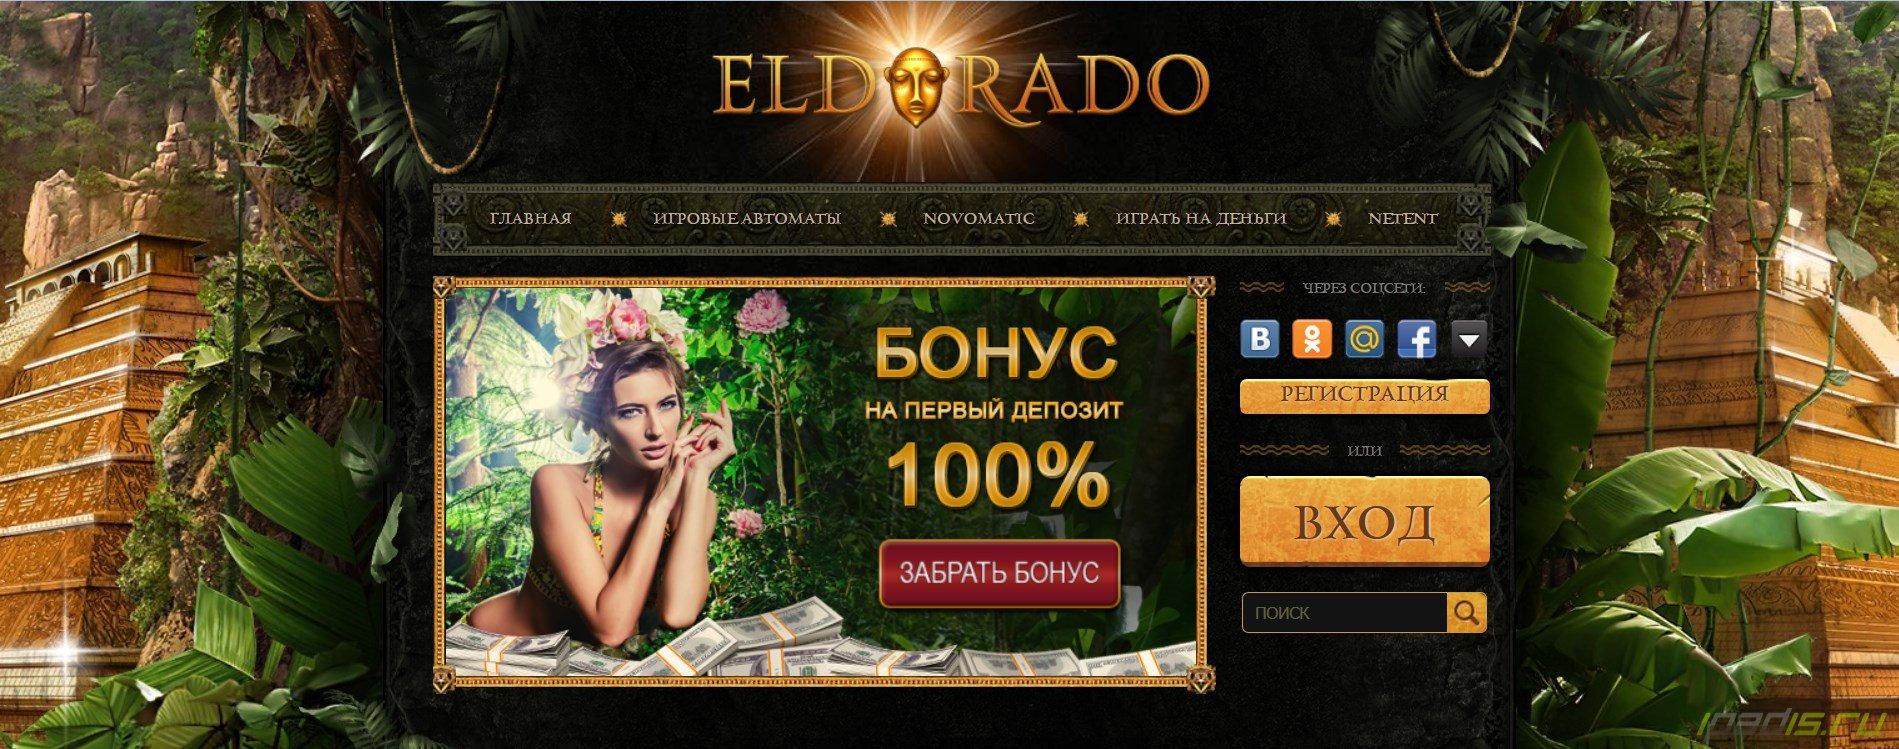 Как быстро заработать деньги онлайн казино